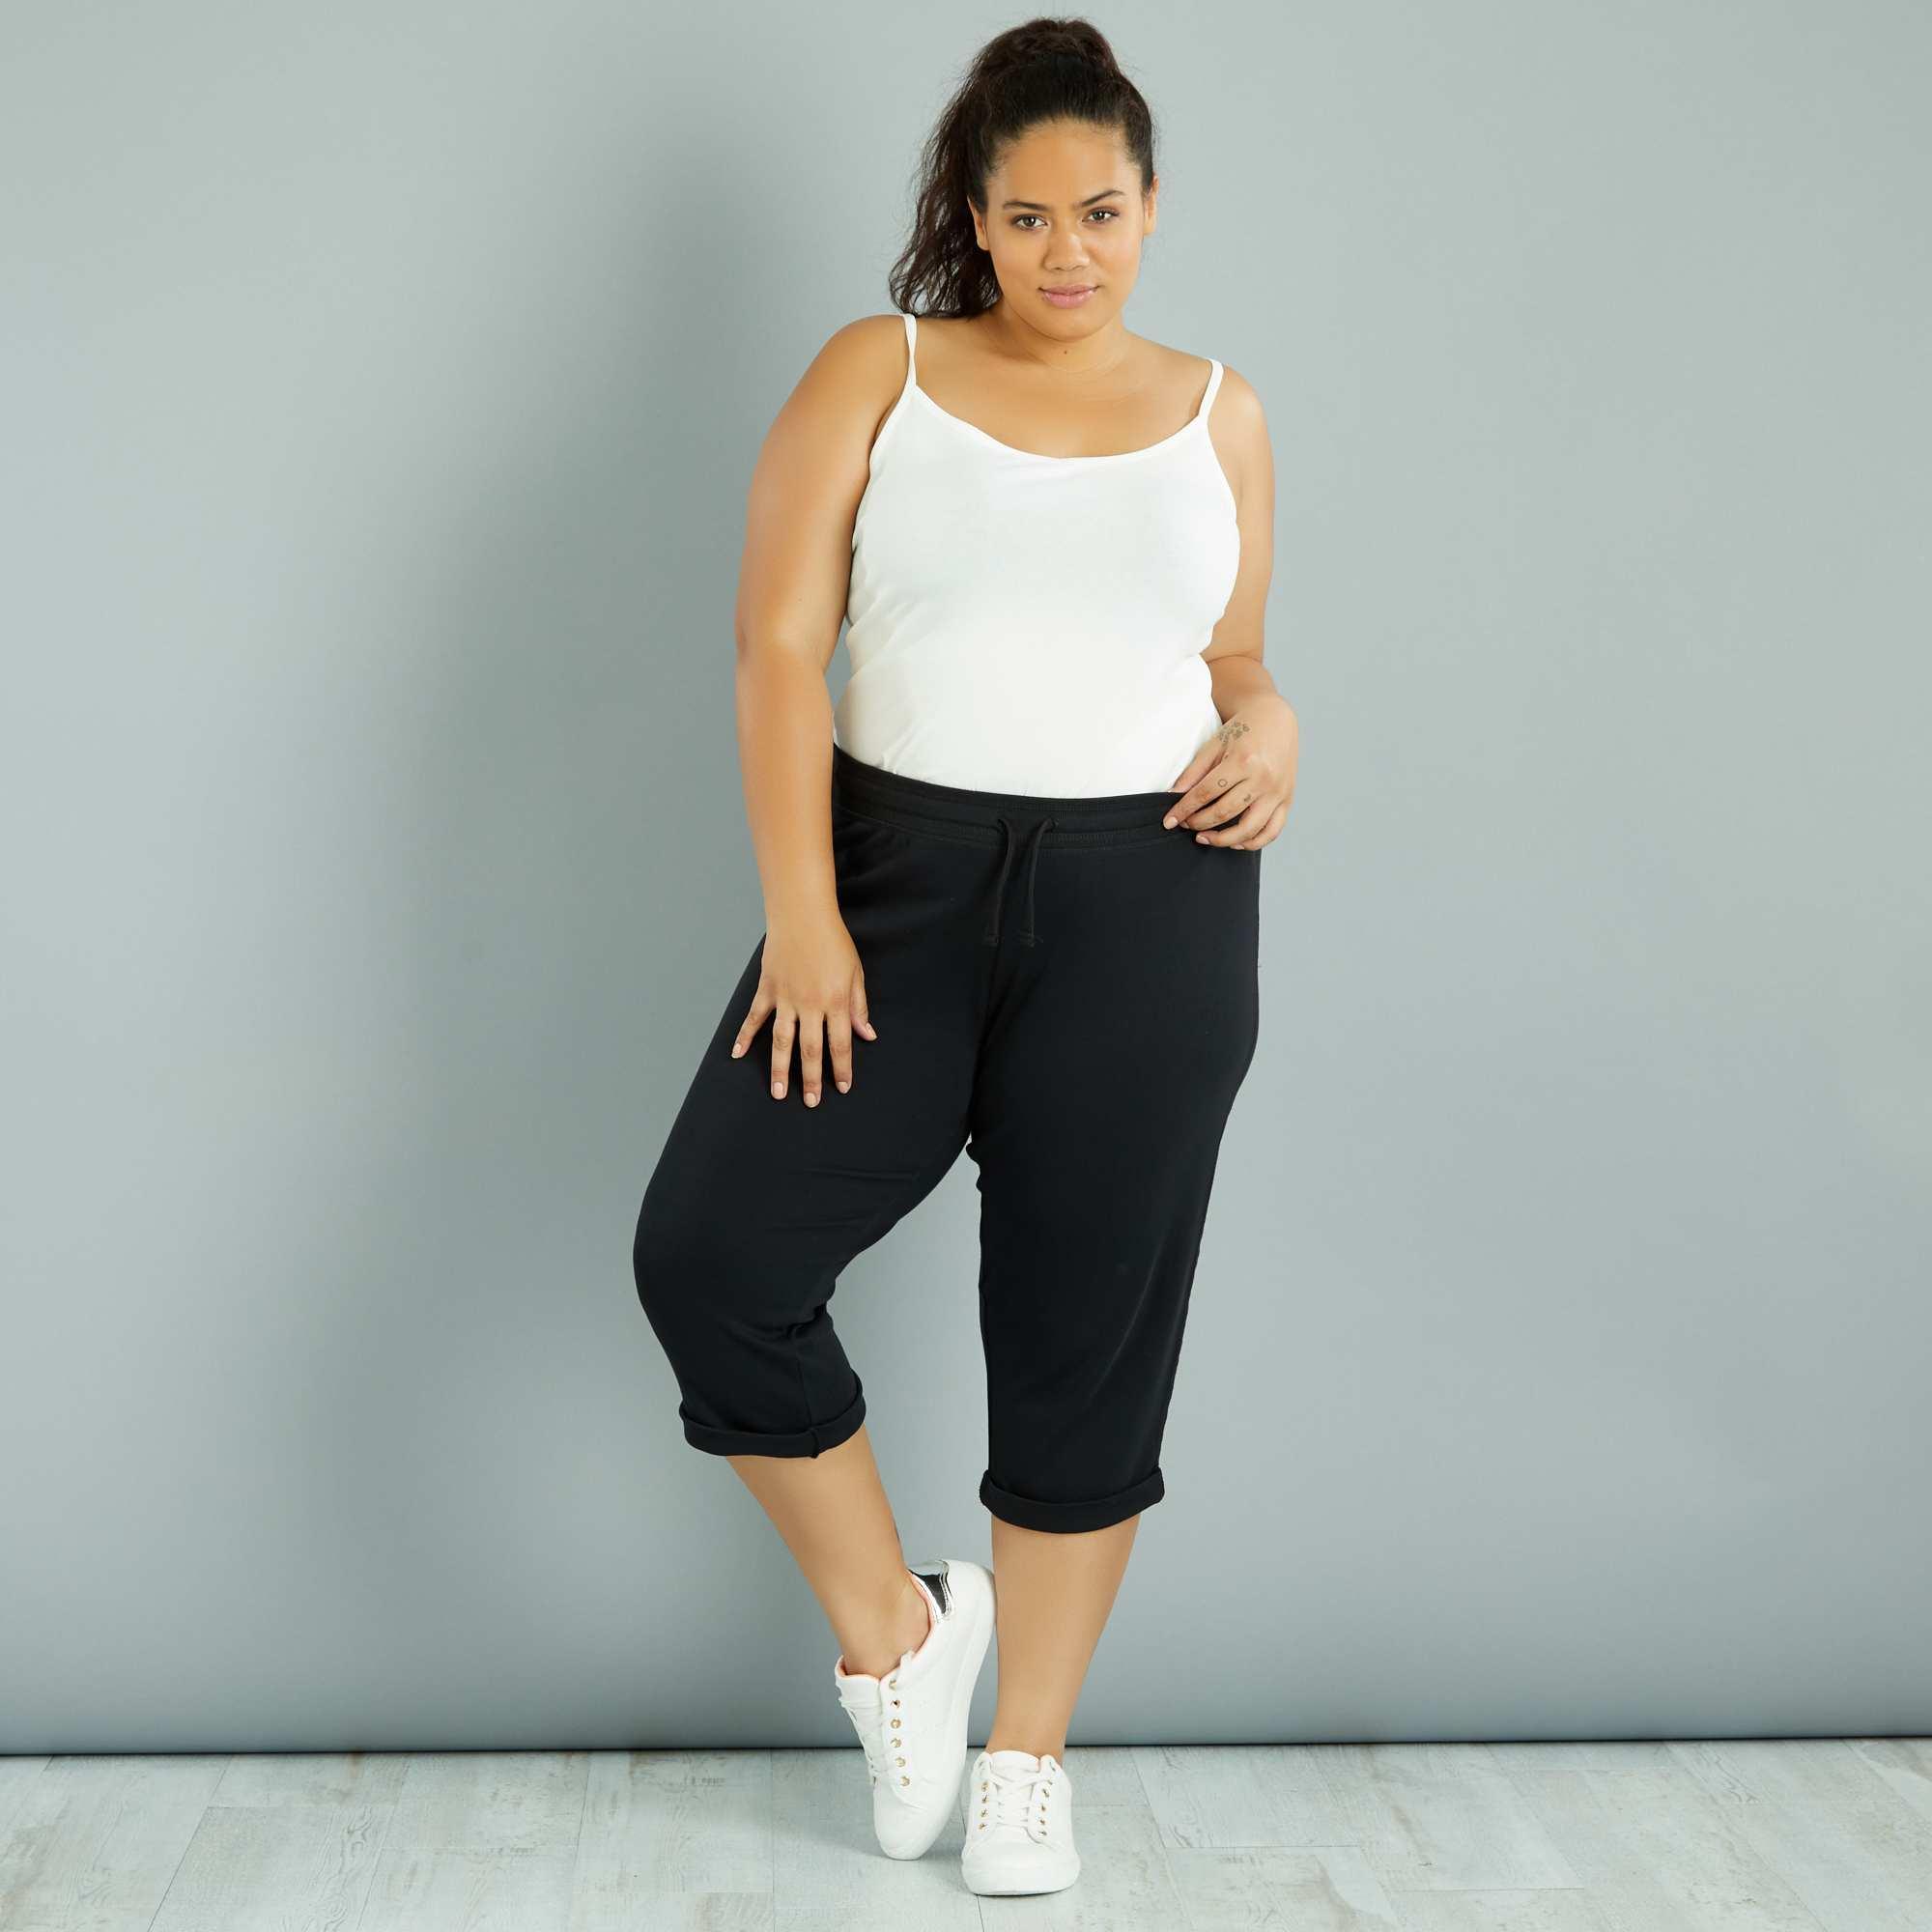 Couleur : noir, , ,, - Taille : 58/60, , ,,Pour les séances de sport, misez sur ce pantalon ultra-confortable ! - Pantalon de